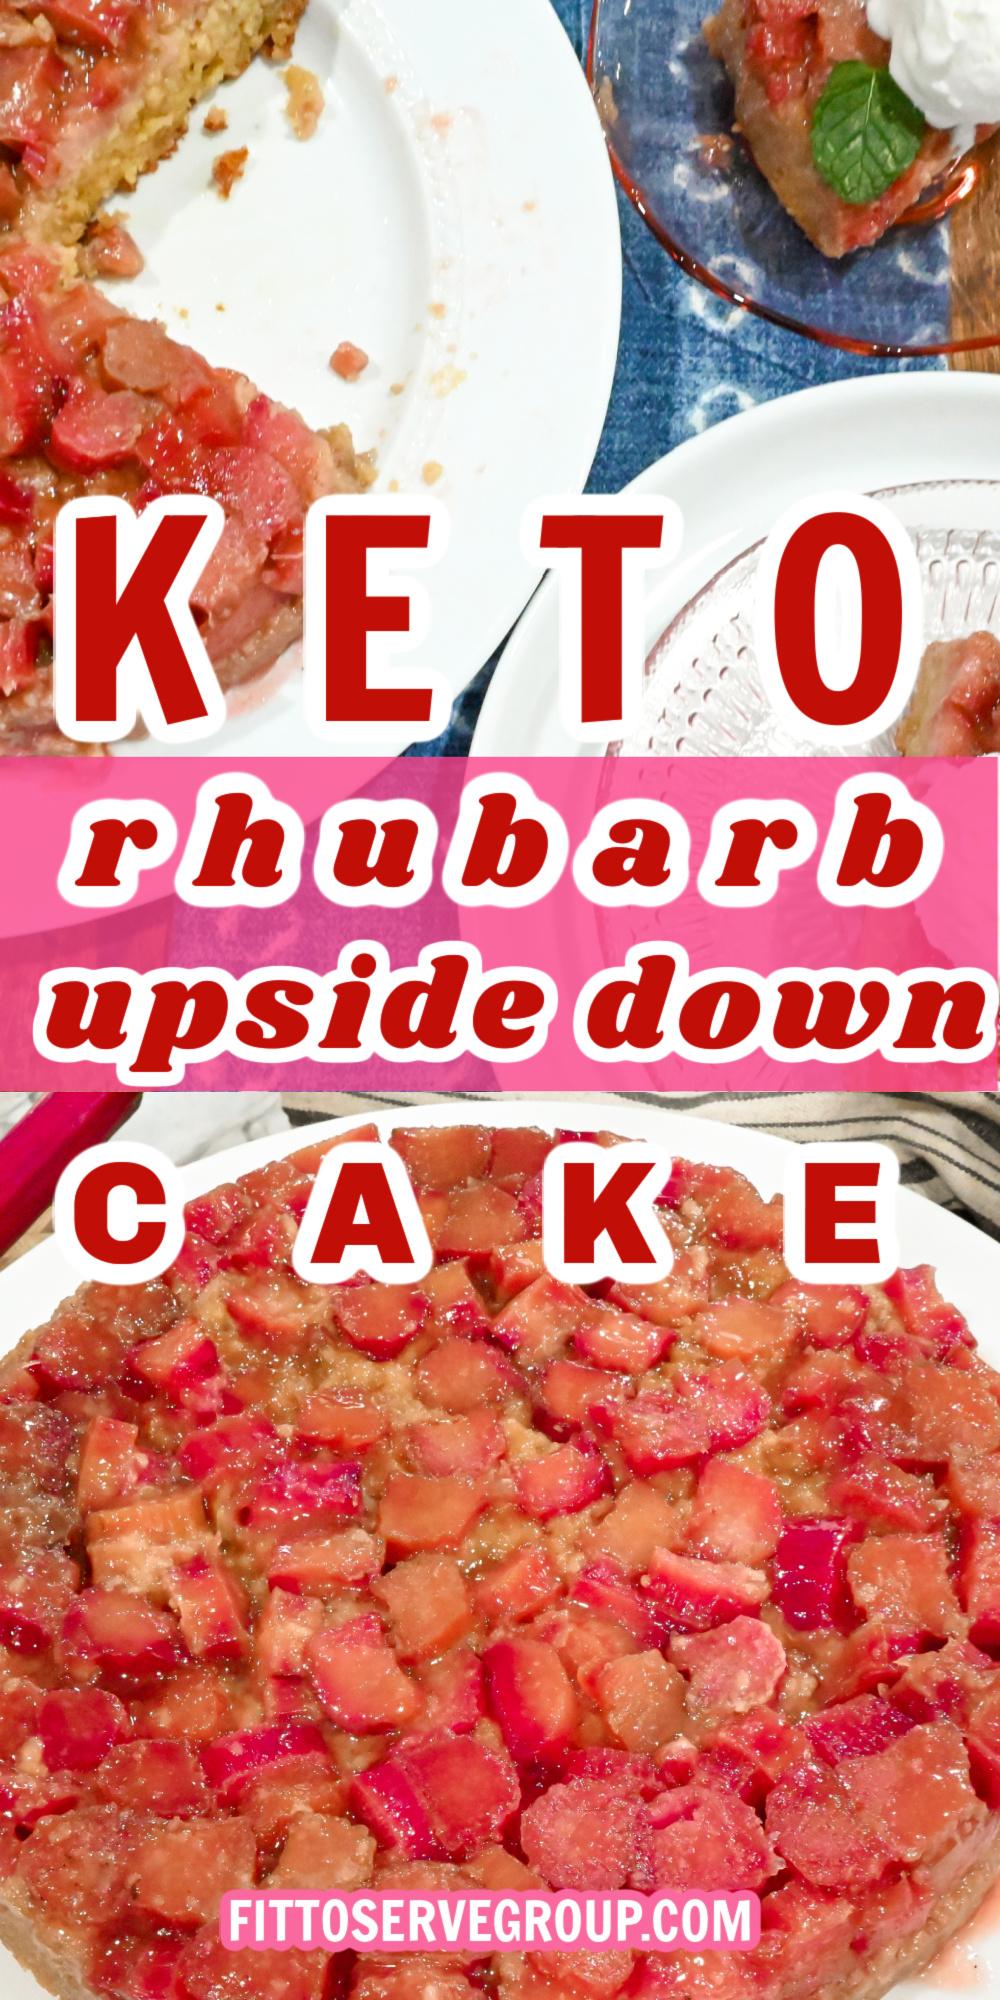 keto rhubarb upside down cake